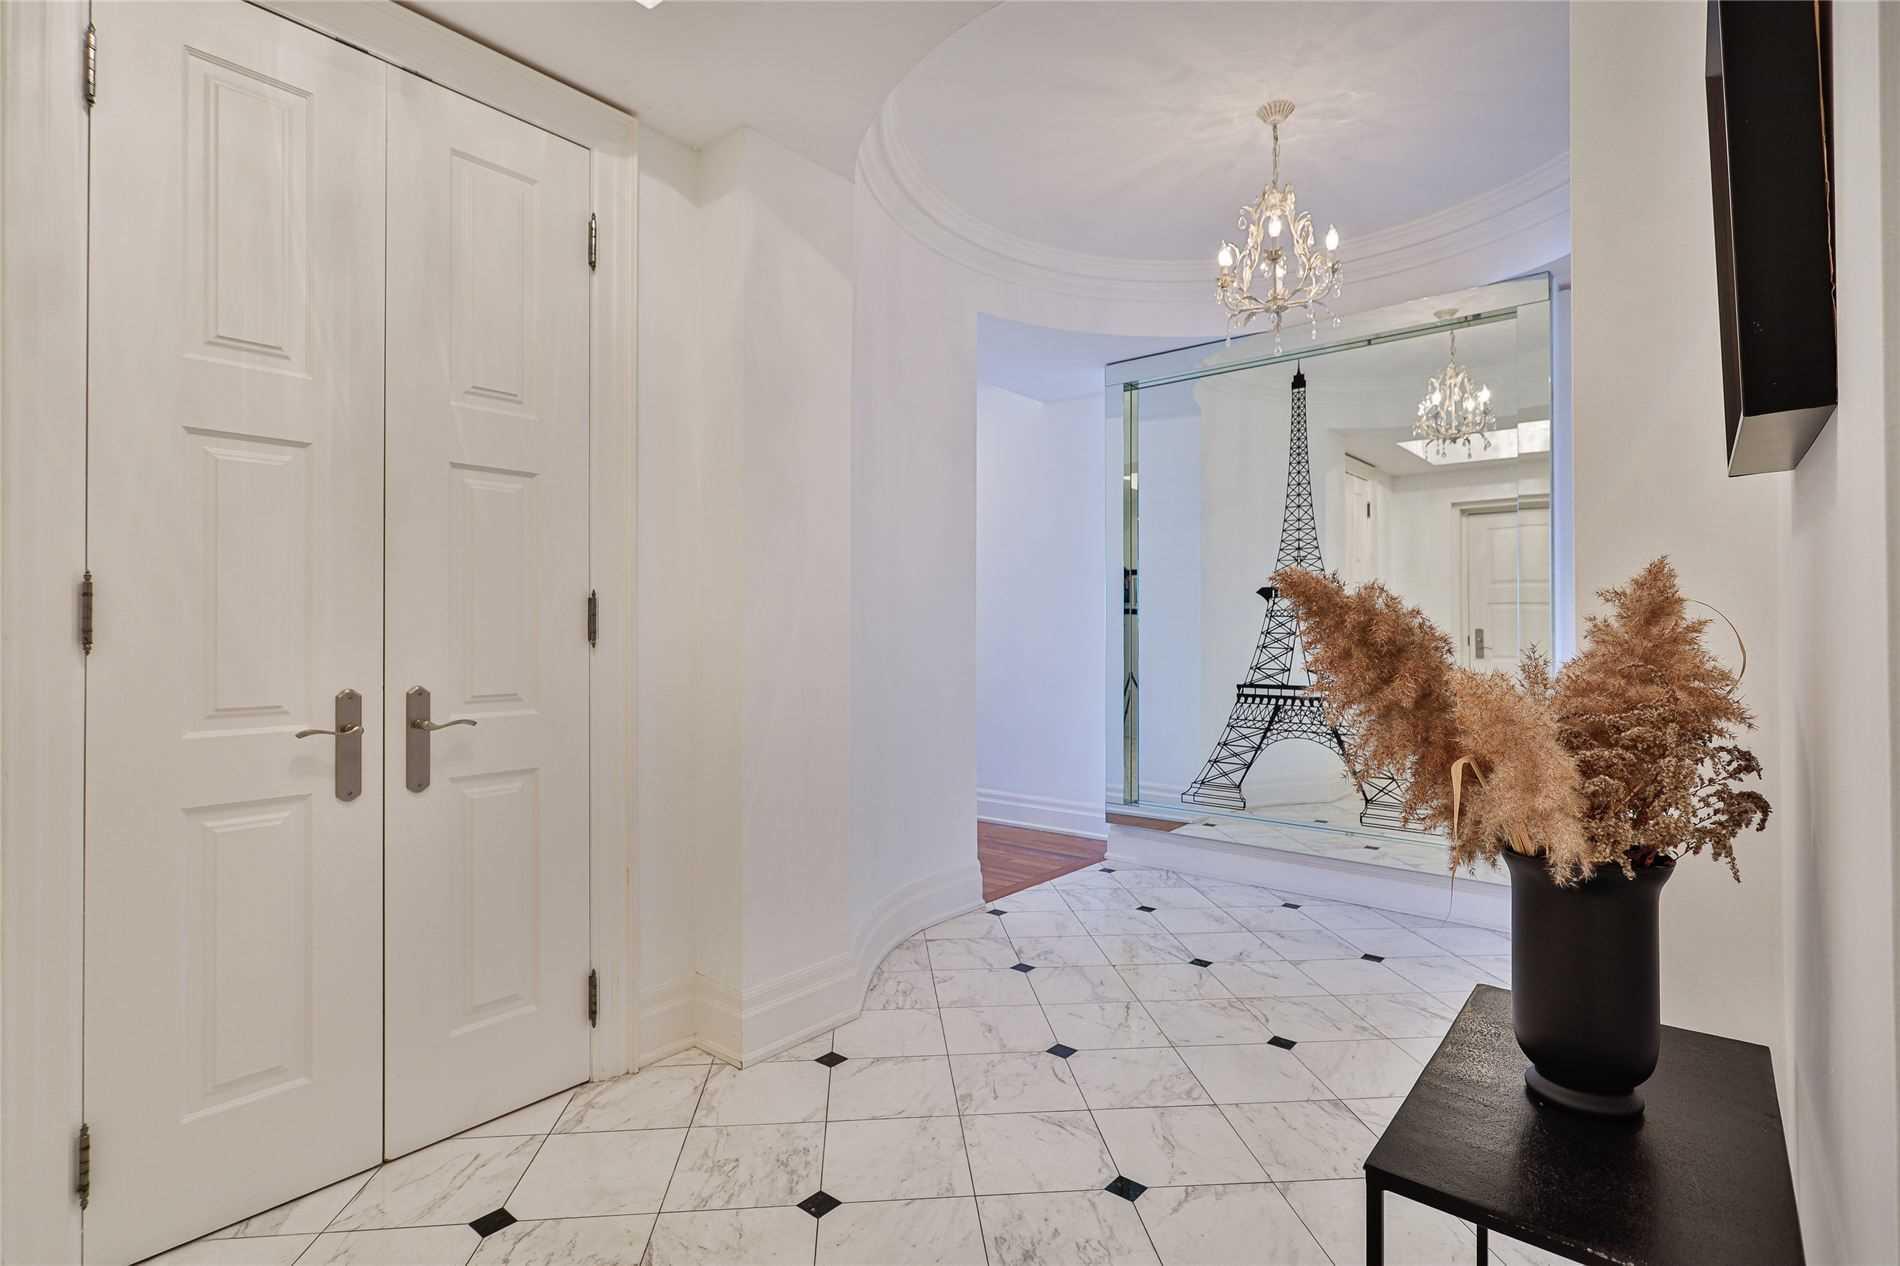 317 - 2095 Lake Shore Blvd W - Mimico Condo Apt for sale, 2 Bedrooms (W5369727) - #4